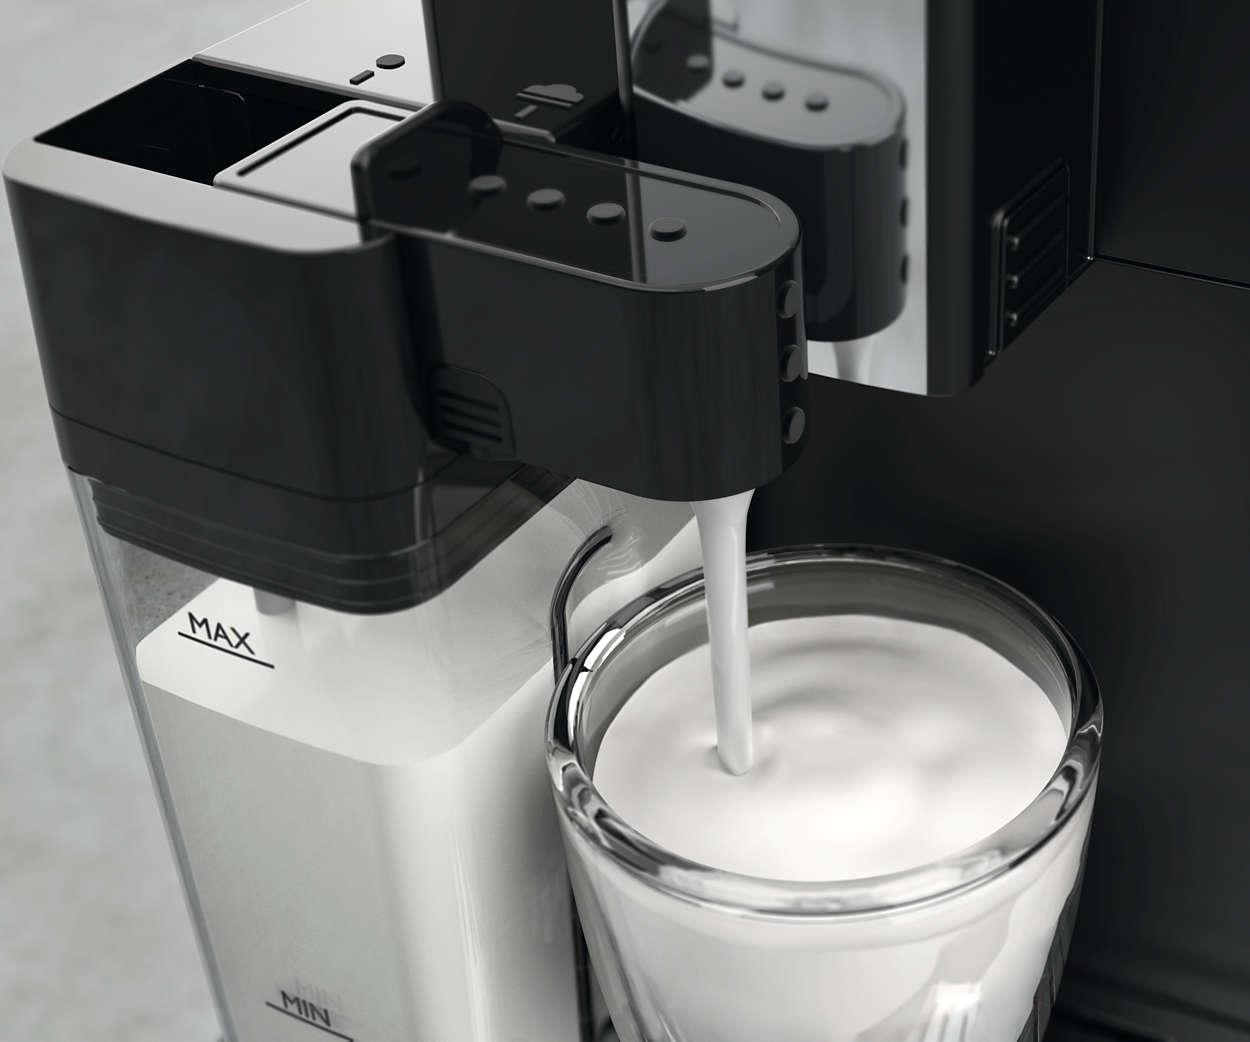 швейная машинка ideal тип 775 инструкция